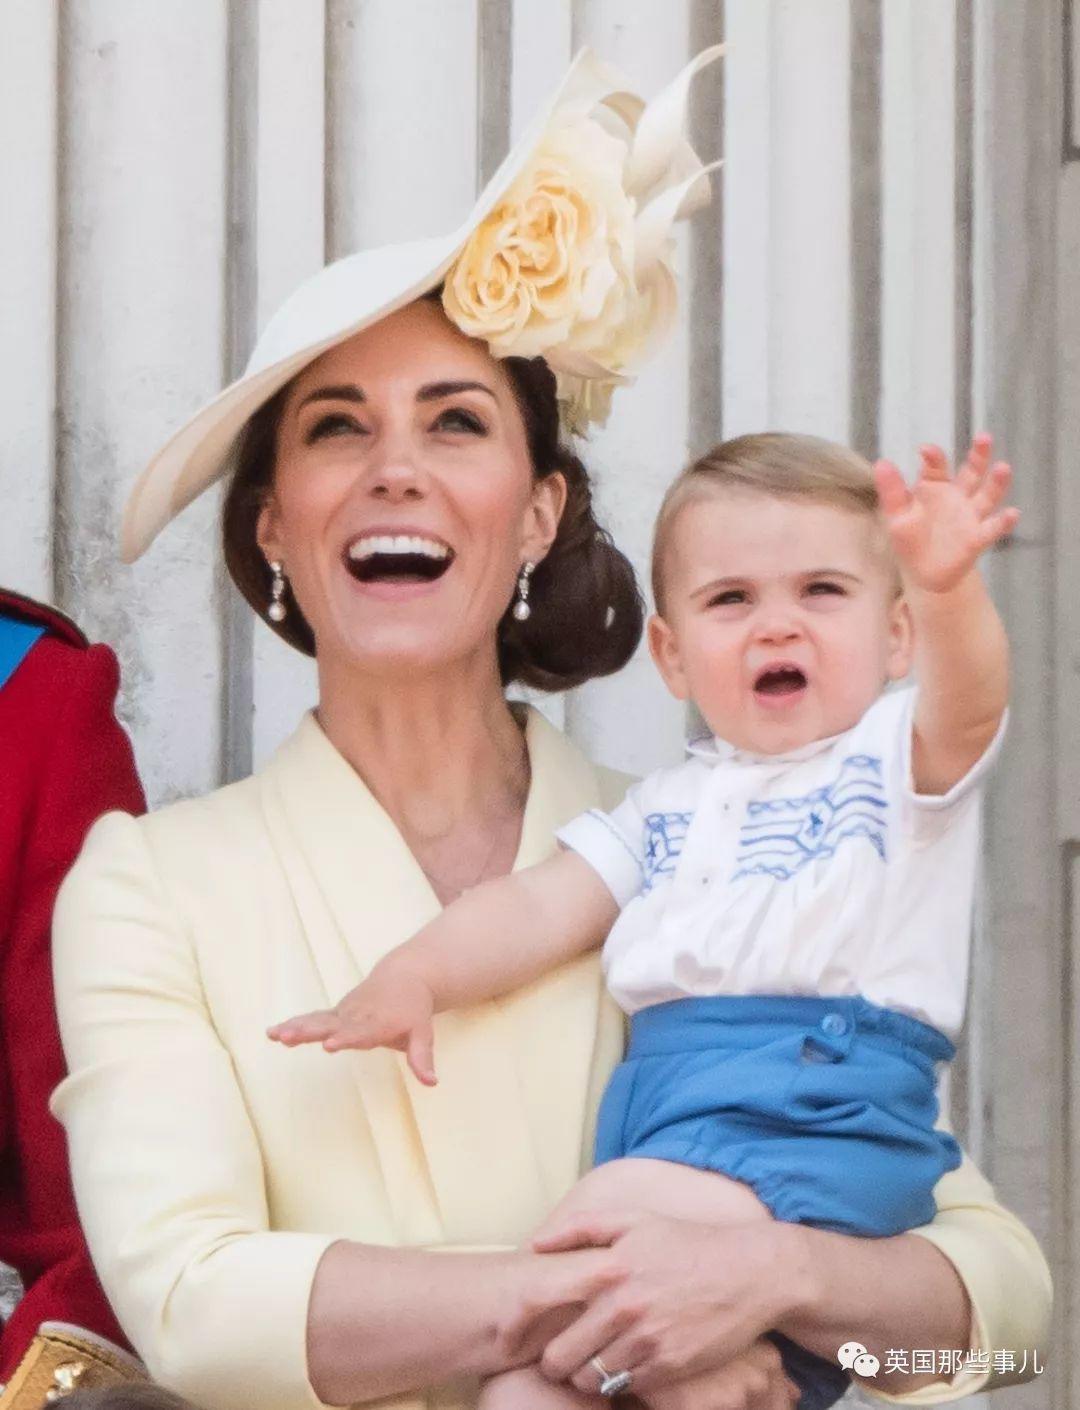 各种嫌弃!英国王室又多一个臭脸宝宝,这不爽的小表情,跟乔治神同步啊